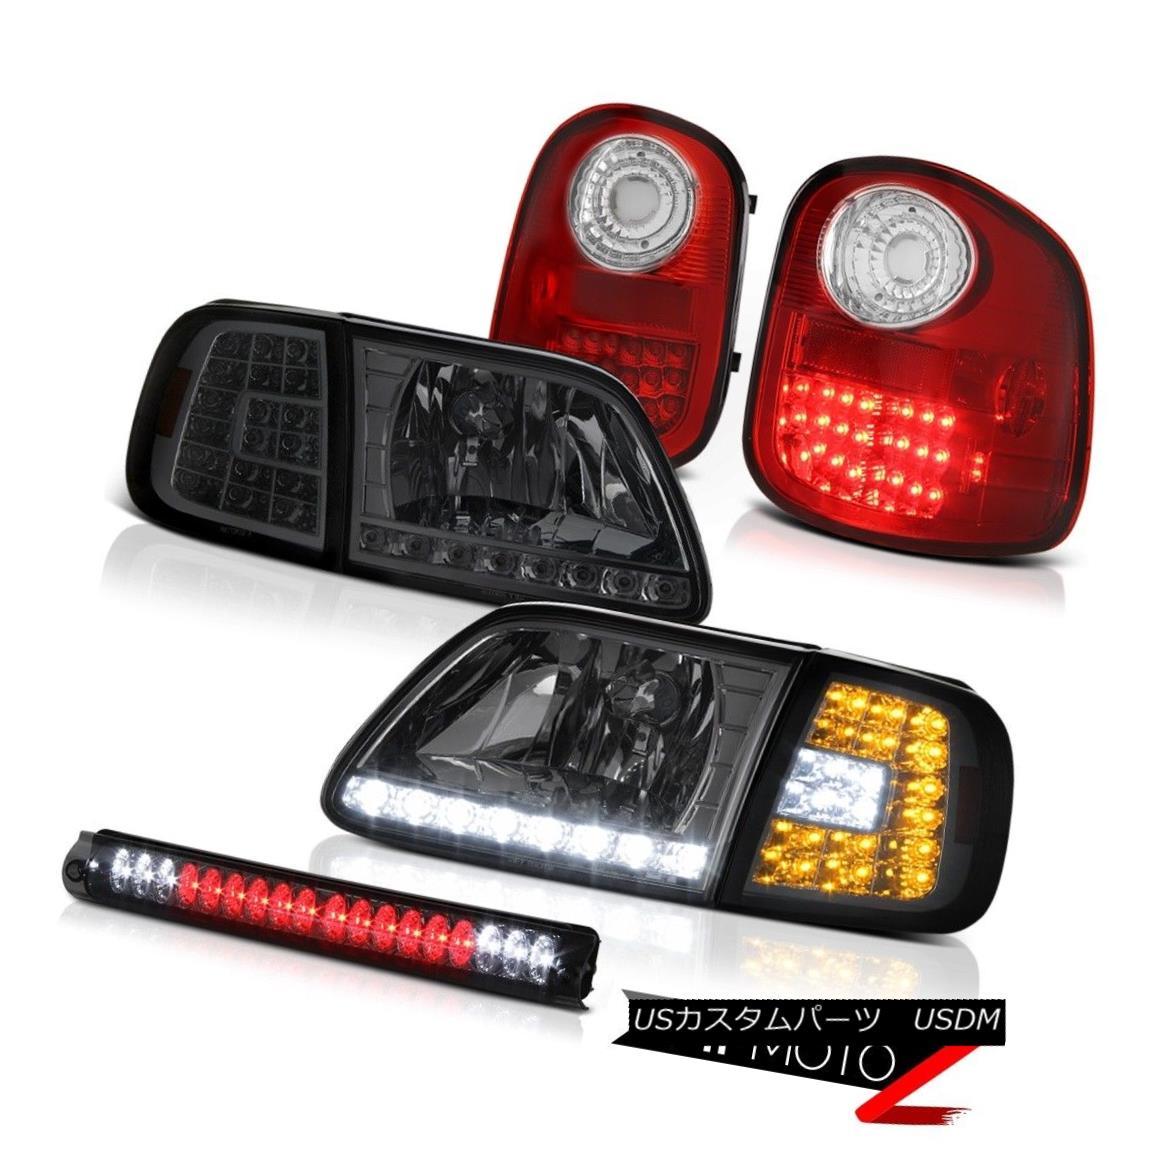 テールライト Smoke LED Corner Headlights Tail Lights Assembly 3rd Brake 97-03 F150 Flareside 煙LEDコーナーヘッドライトテールライトアセンブリ第3ブレーキ97-03 F150 Flareside